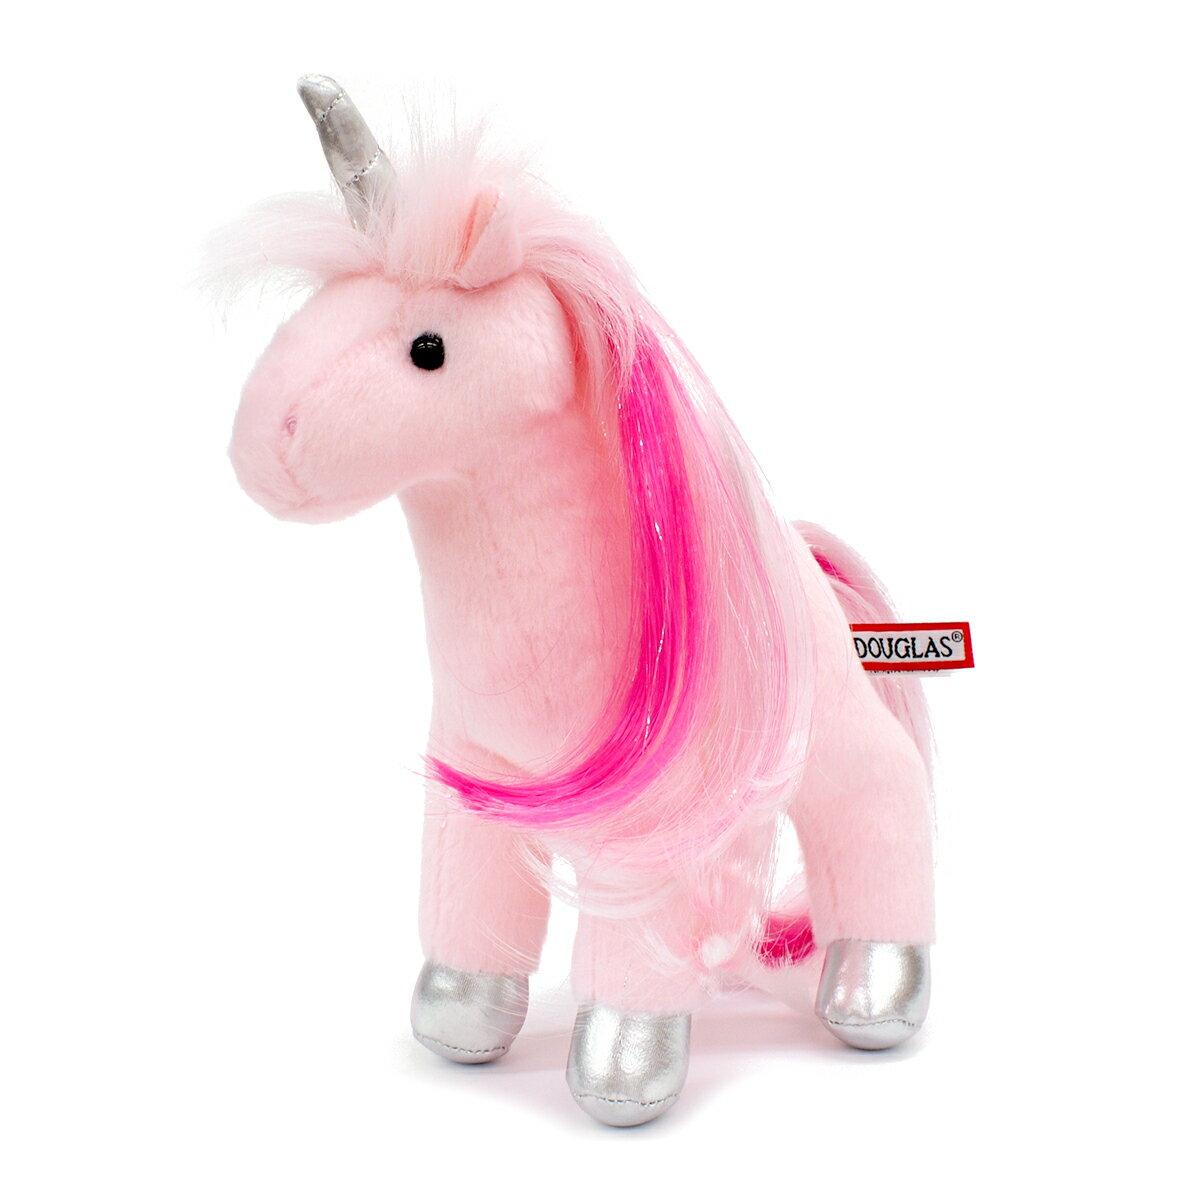 ぬいぐるみ・人形, ぬいぐるみ  douglas toy Stuffed animals Plush Unicorns